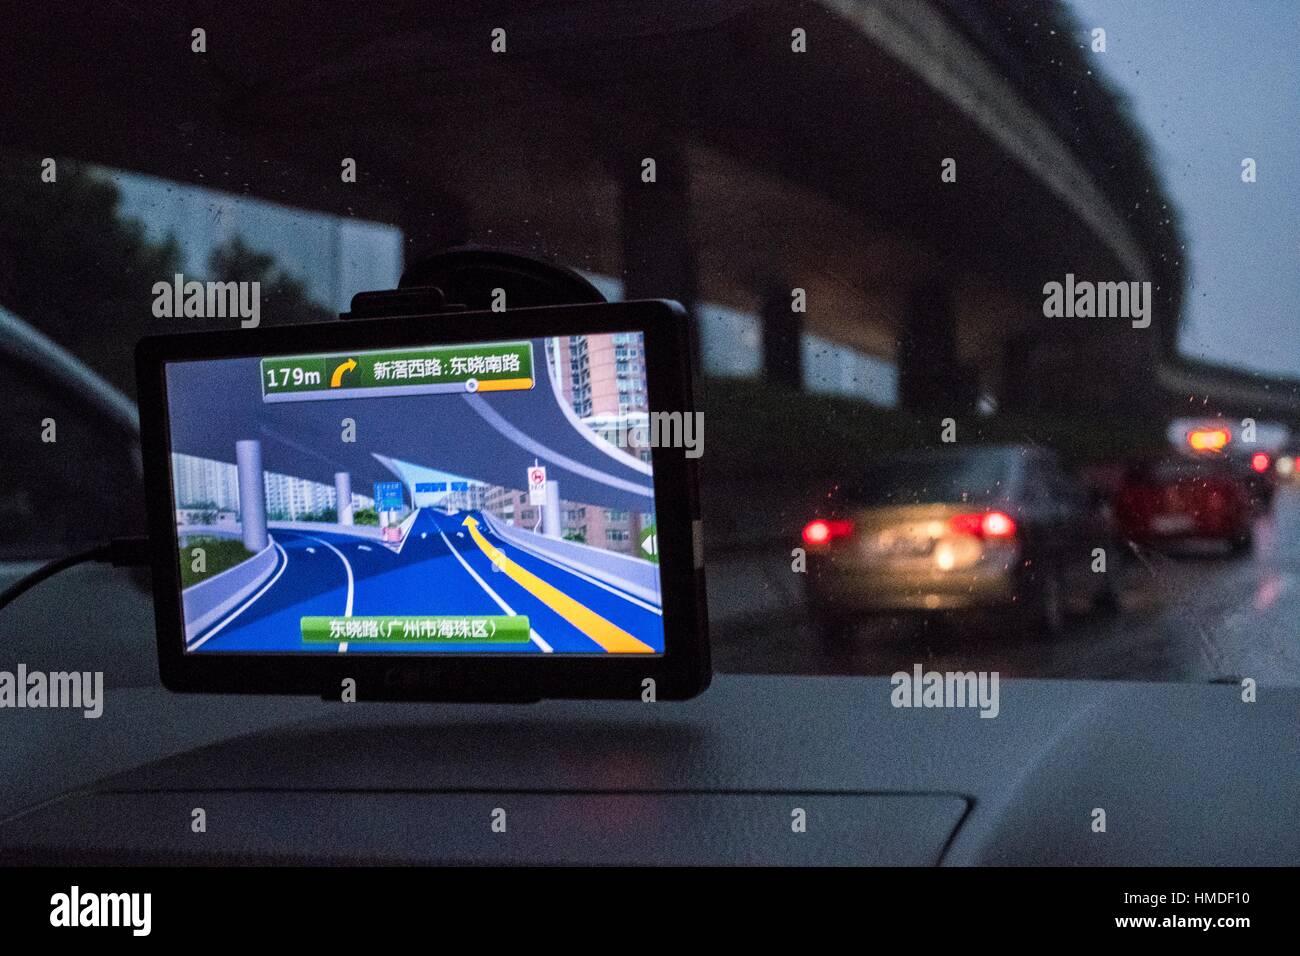 Gps satellite navigator in car - Stock Image